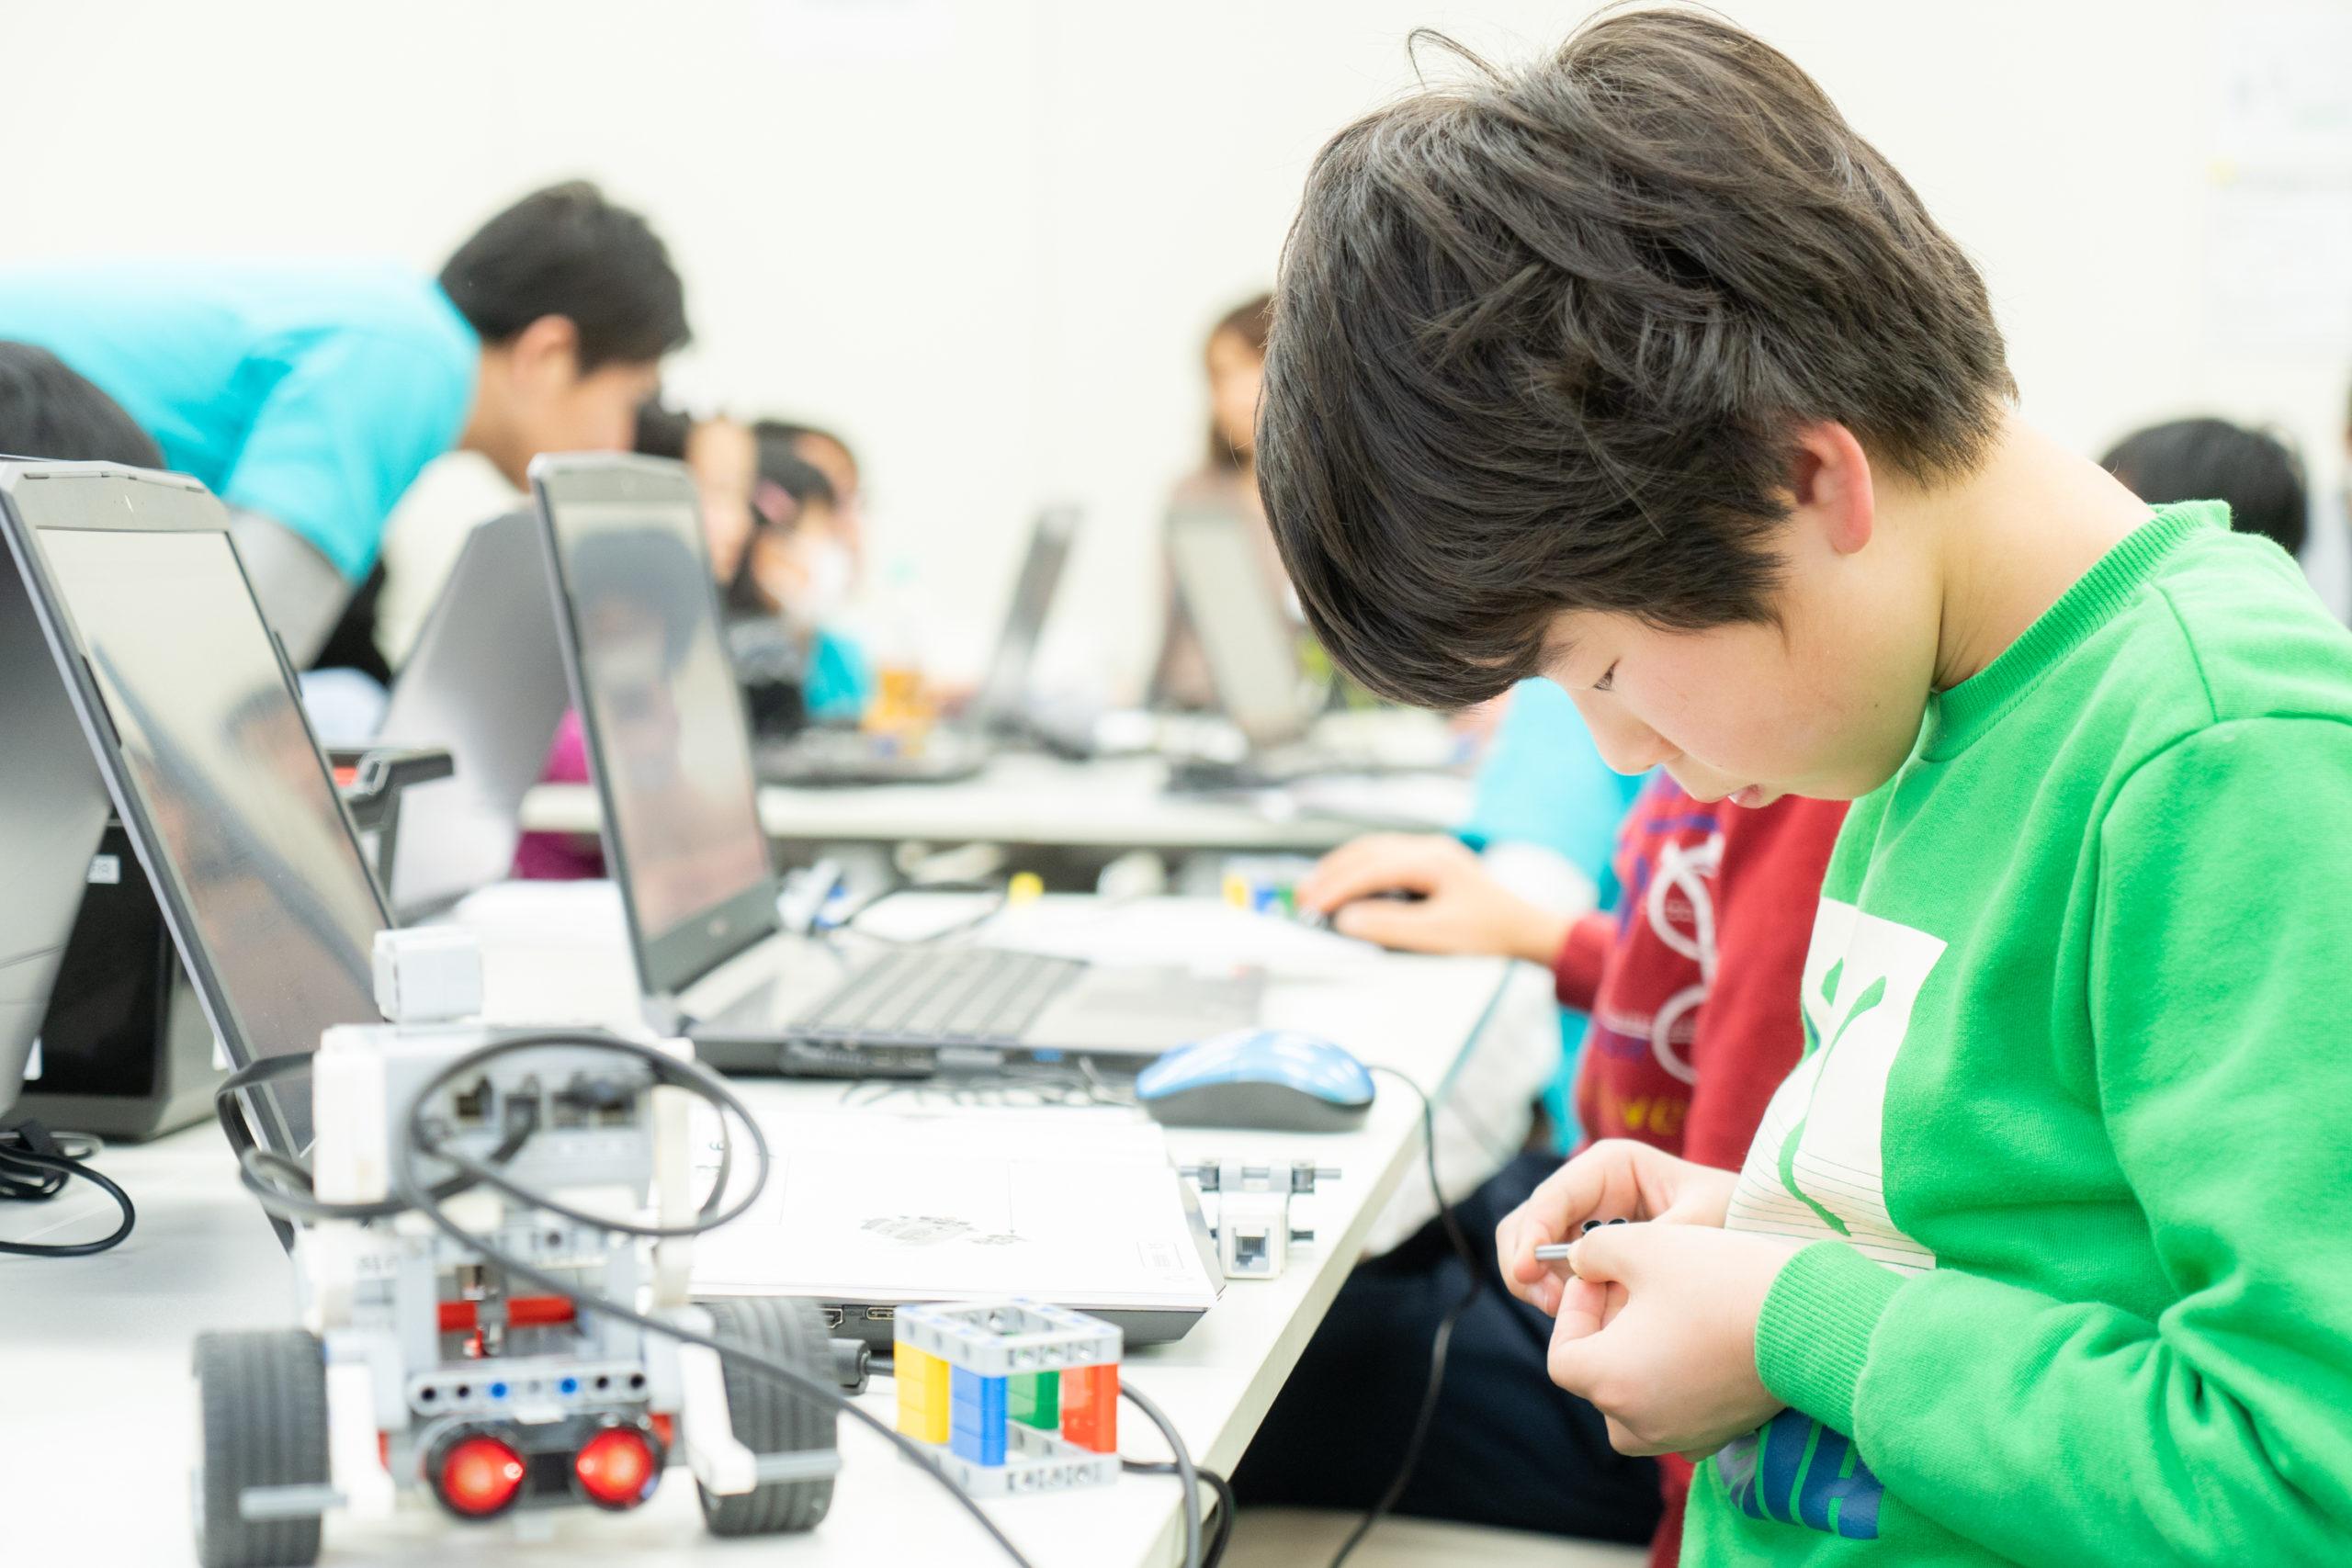 【新潟】早くから触れることが大切!プログラミングの技術と考え方が身につくきっかけを提供「N Tech School(エヌ テック スクール)」